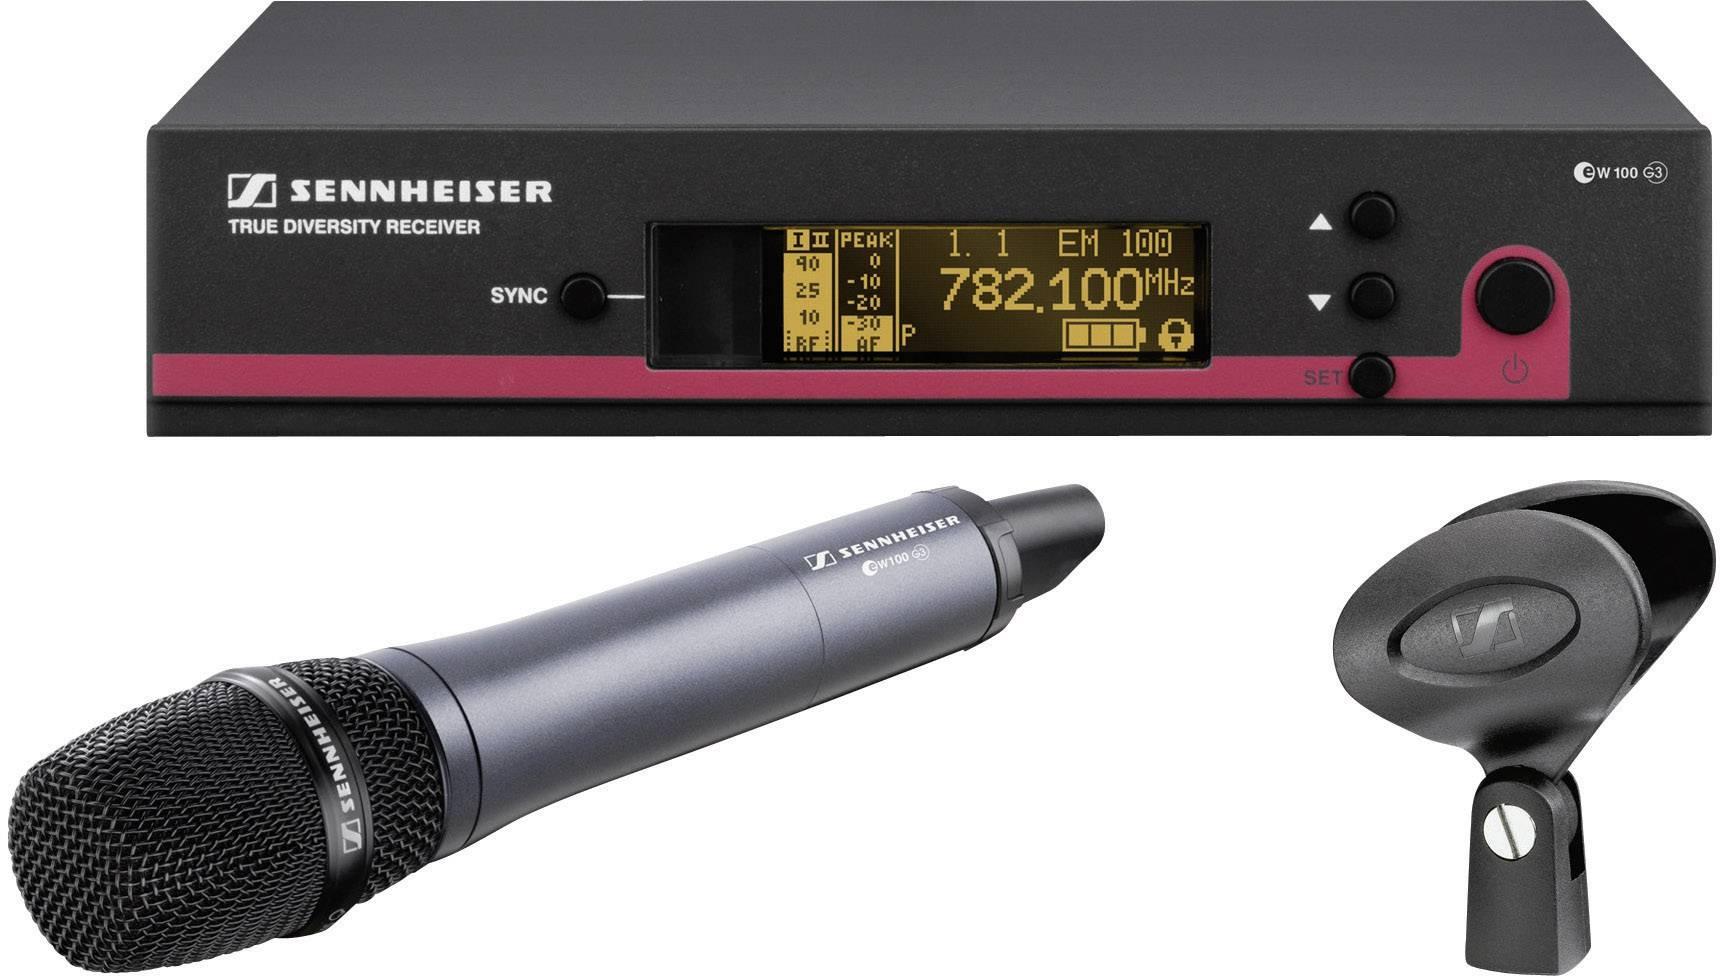 Sada bezdrôtového mikrofónu Sennheiser ew 145 G3-1G8